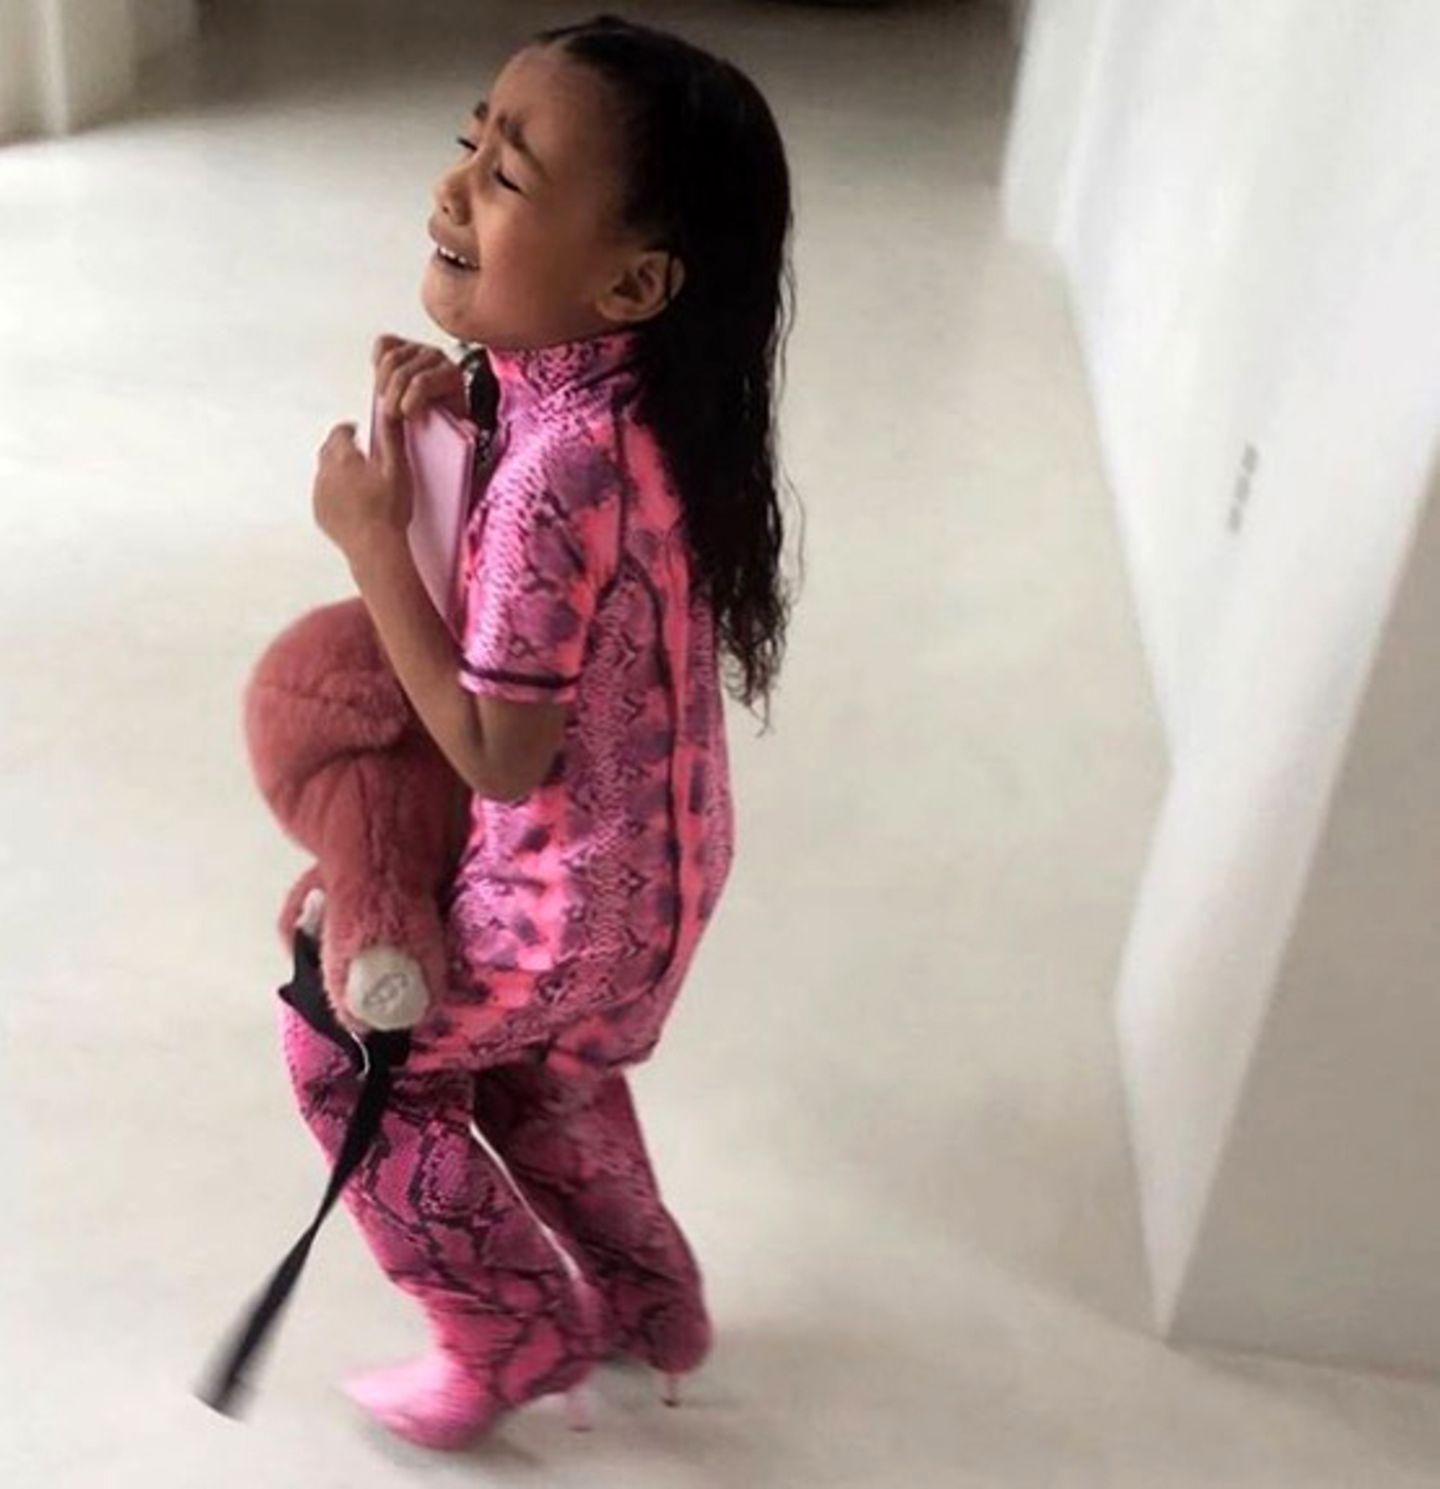 Was passiert, wenn man einer 5-Jährigen erklärt, dass sie nicht mit Mamas Stiefeln durch den Tag stolzieren kann, zeigt Kim Kardashian eindeutig mit diesem Instagram-Foto: Es zeigt Tochter North West mit einem deprimierten Gesichtsausdruck und völlig verständnislos gegenüber den Kleidungsratschlägen ihrer Mutter. Dass Kim so hart durchgreift hat einen Grund, denn Norths Lieblingsstiefel sind alles andere als kindergerecht ...